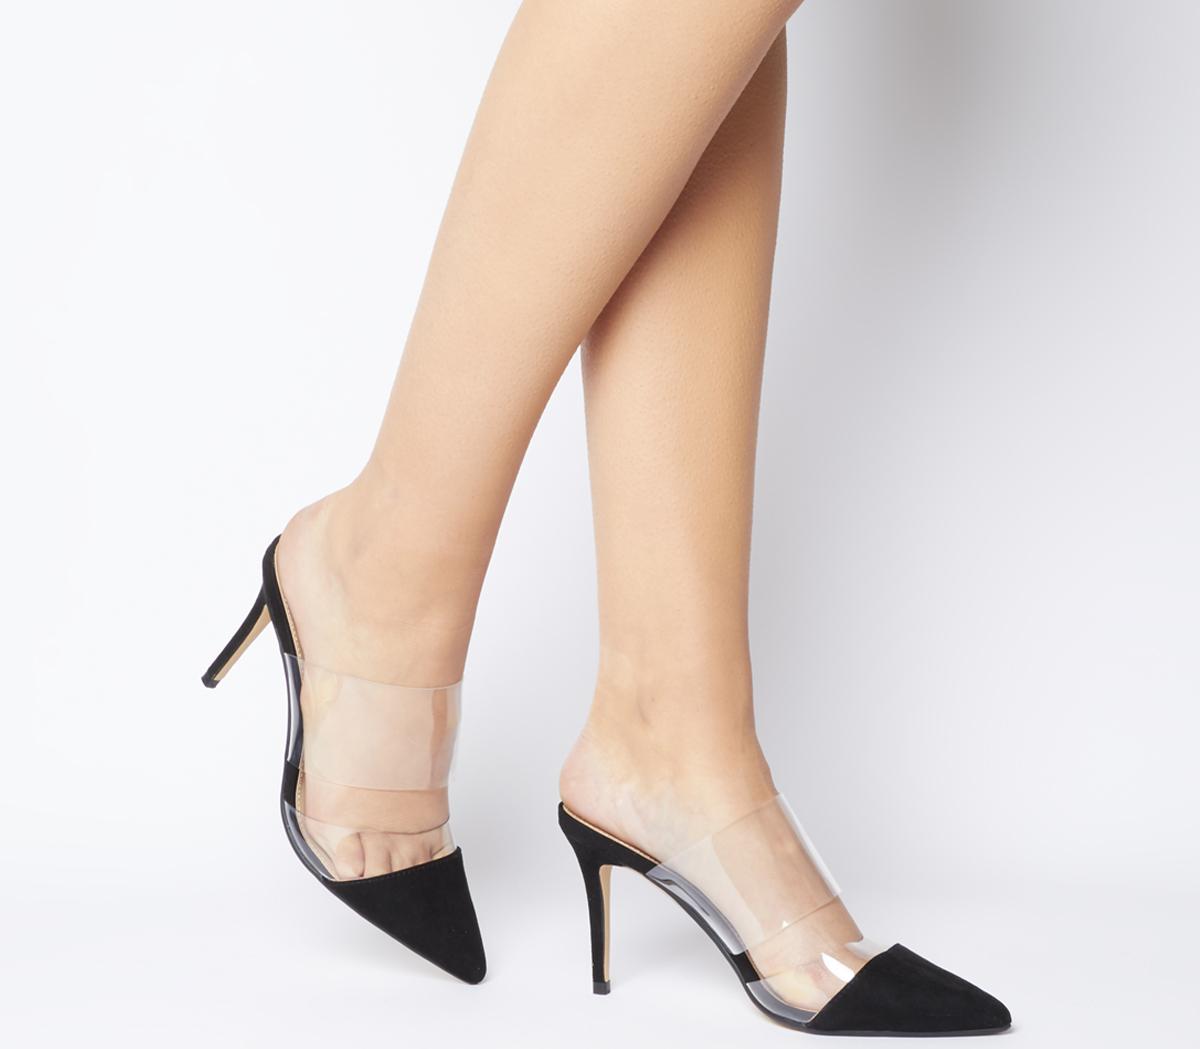 chaussure dernière sélection Braderie Détails sur Femmes office Maryn Transparent Mules Talons Noir Talons